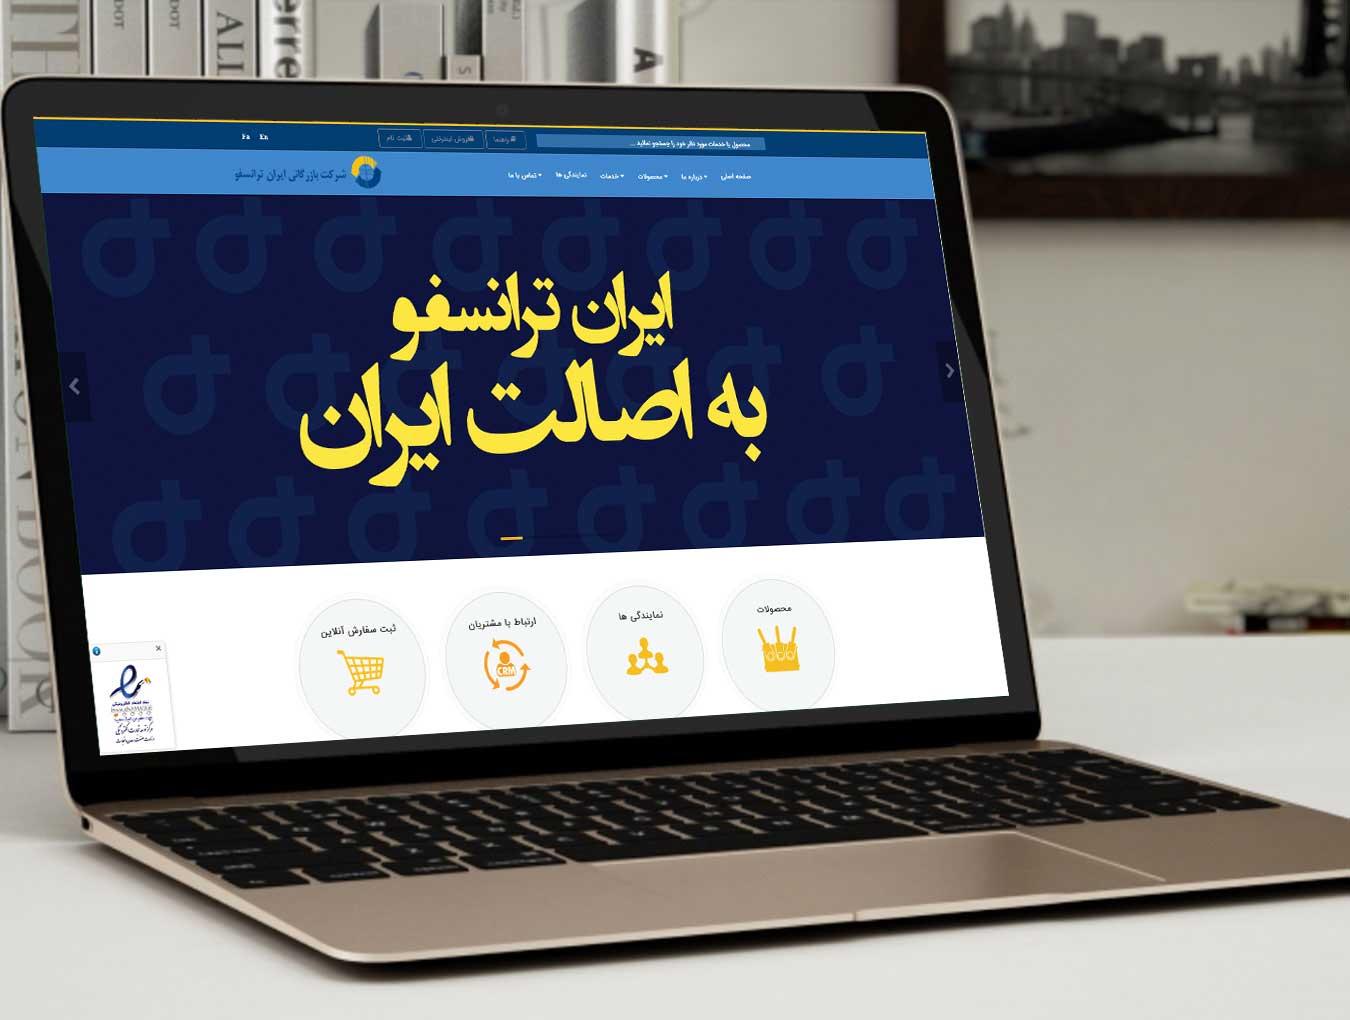 طراحی اختصاصی و برنامه نویسی شرکت بازرگانی ایران ترانسفو